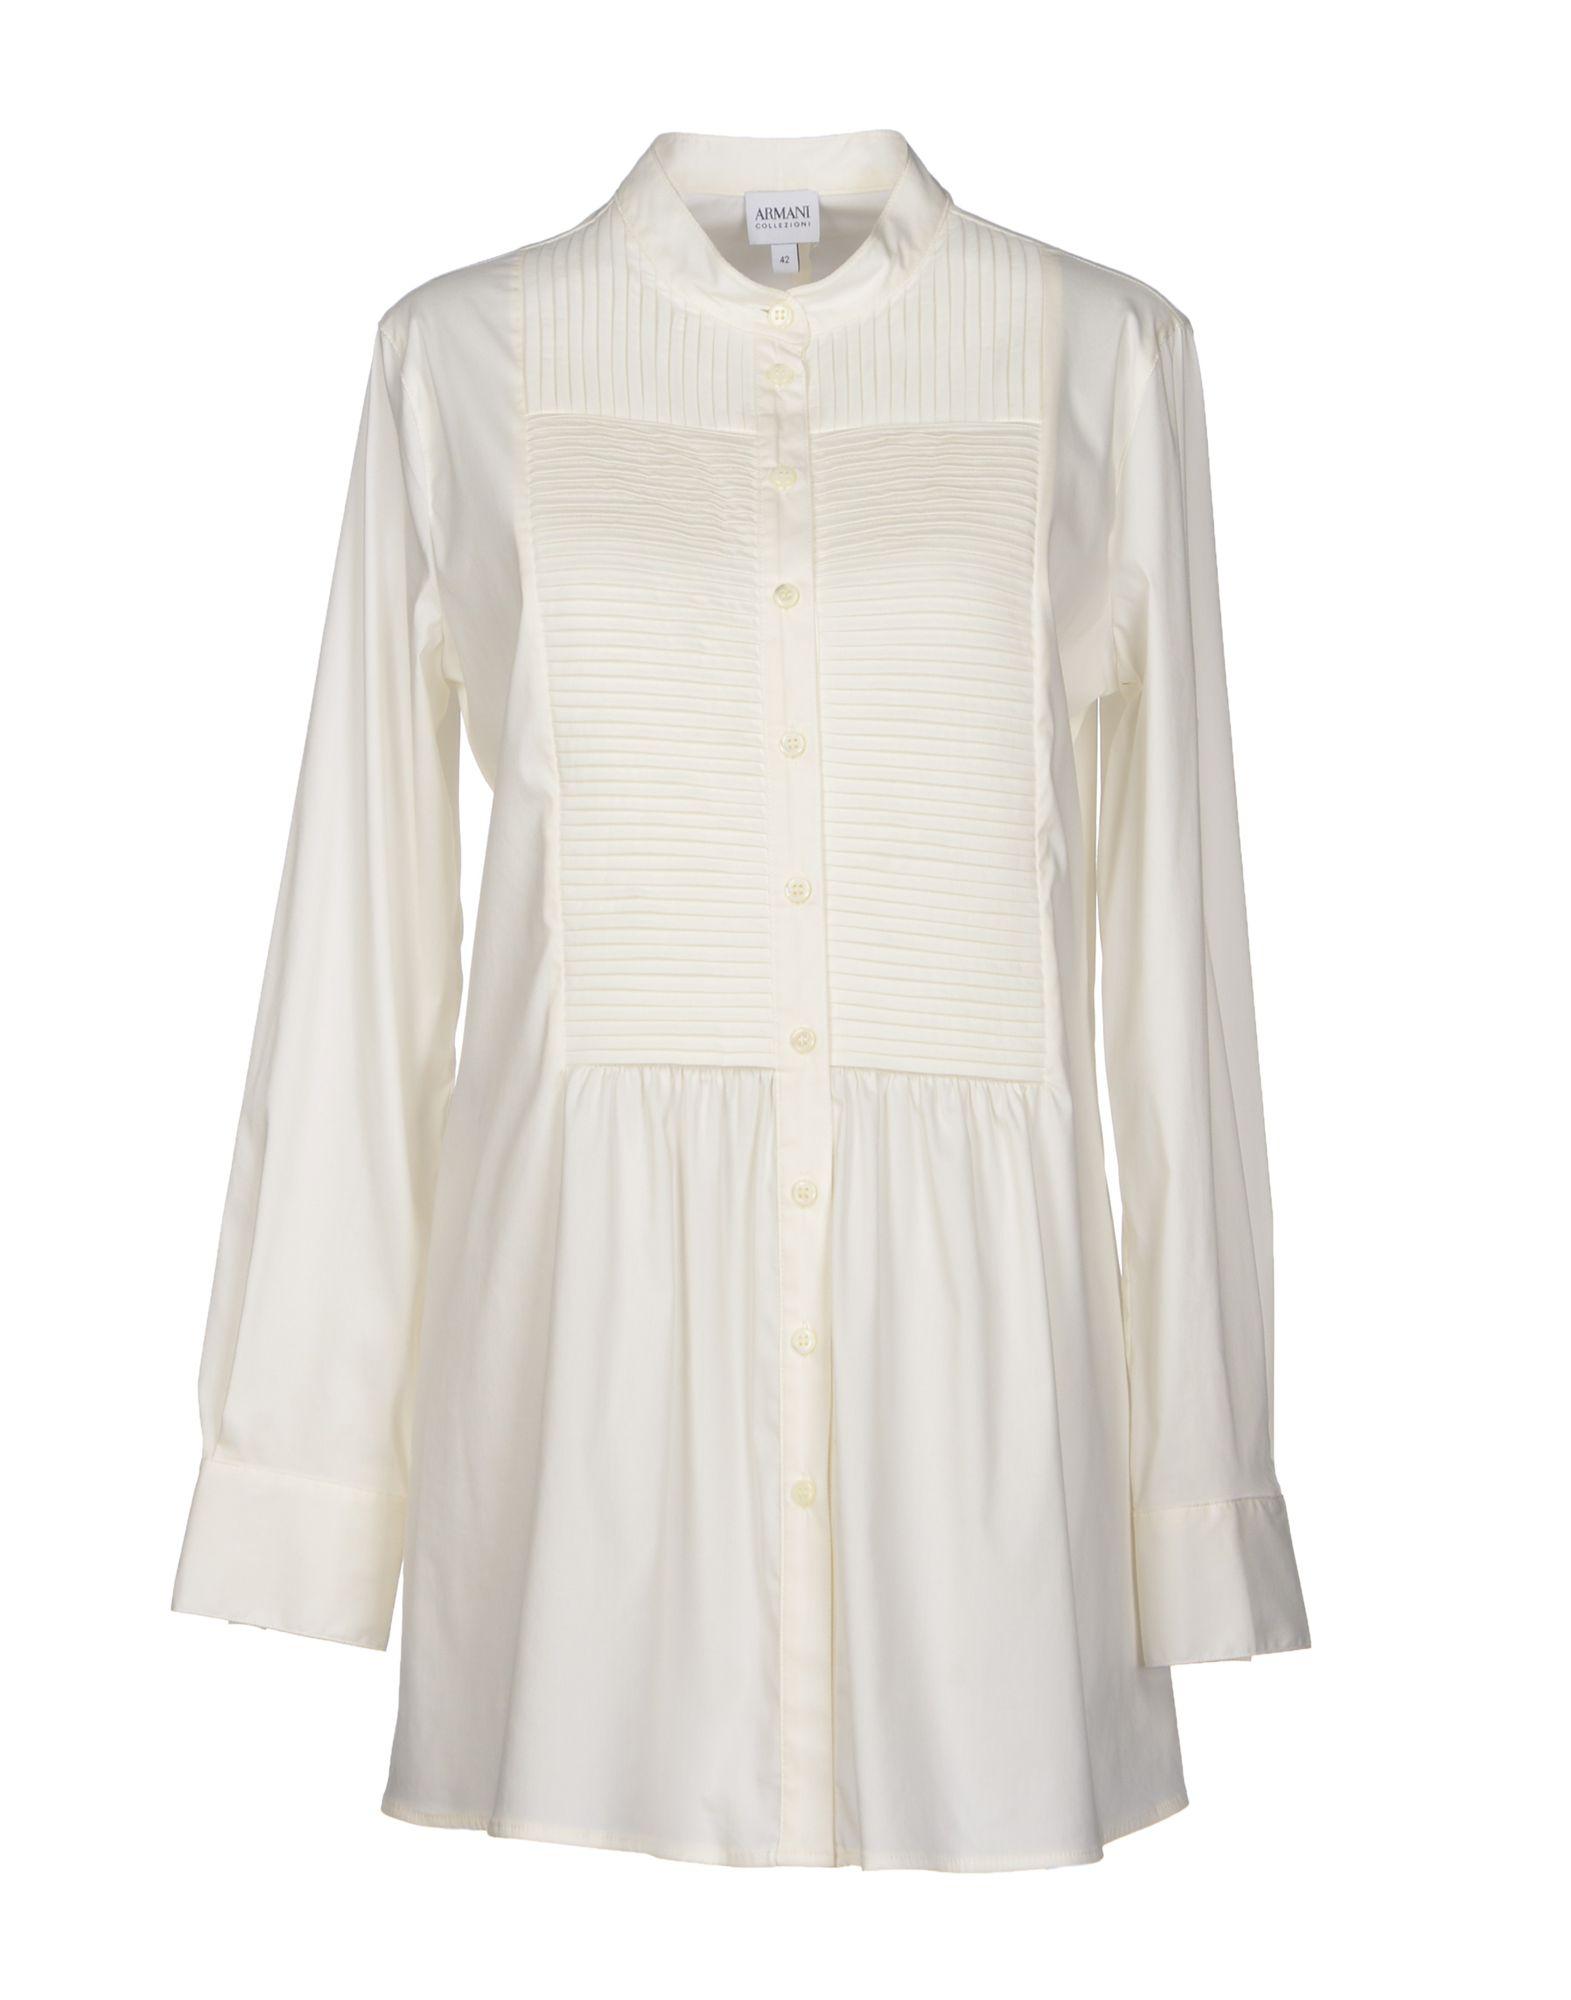 женская рубашка Armani 38405387ir AC рубашка мужская armani 85959595 exchangeiridescent